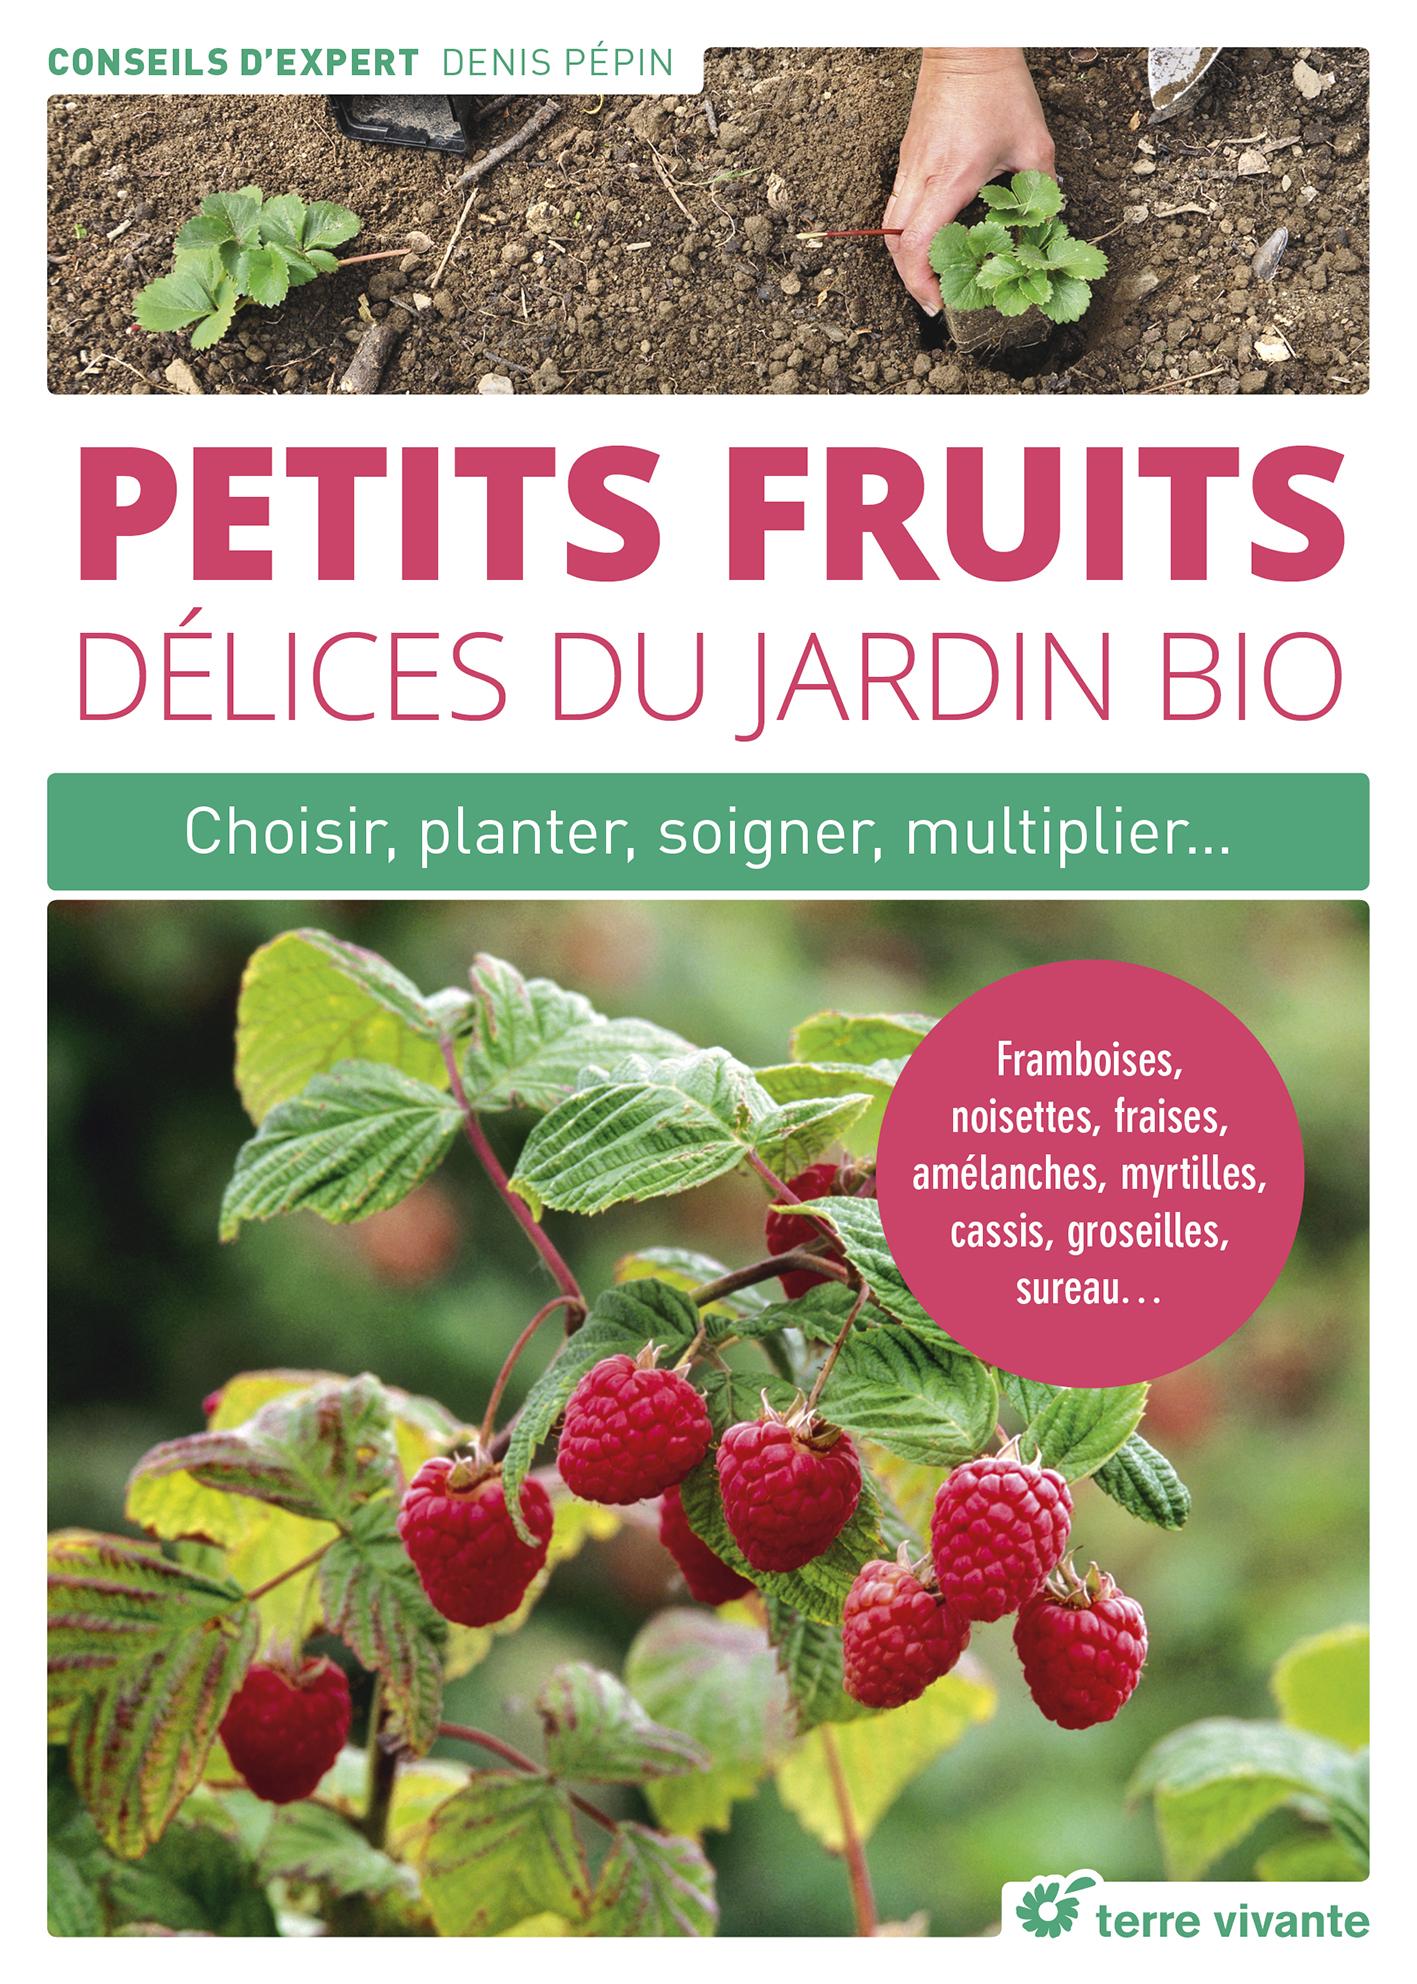 Sortie Livre Petits Fruits Delices Du Jardin Bio De Denis